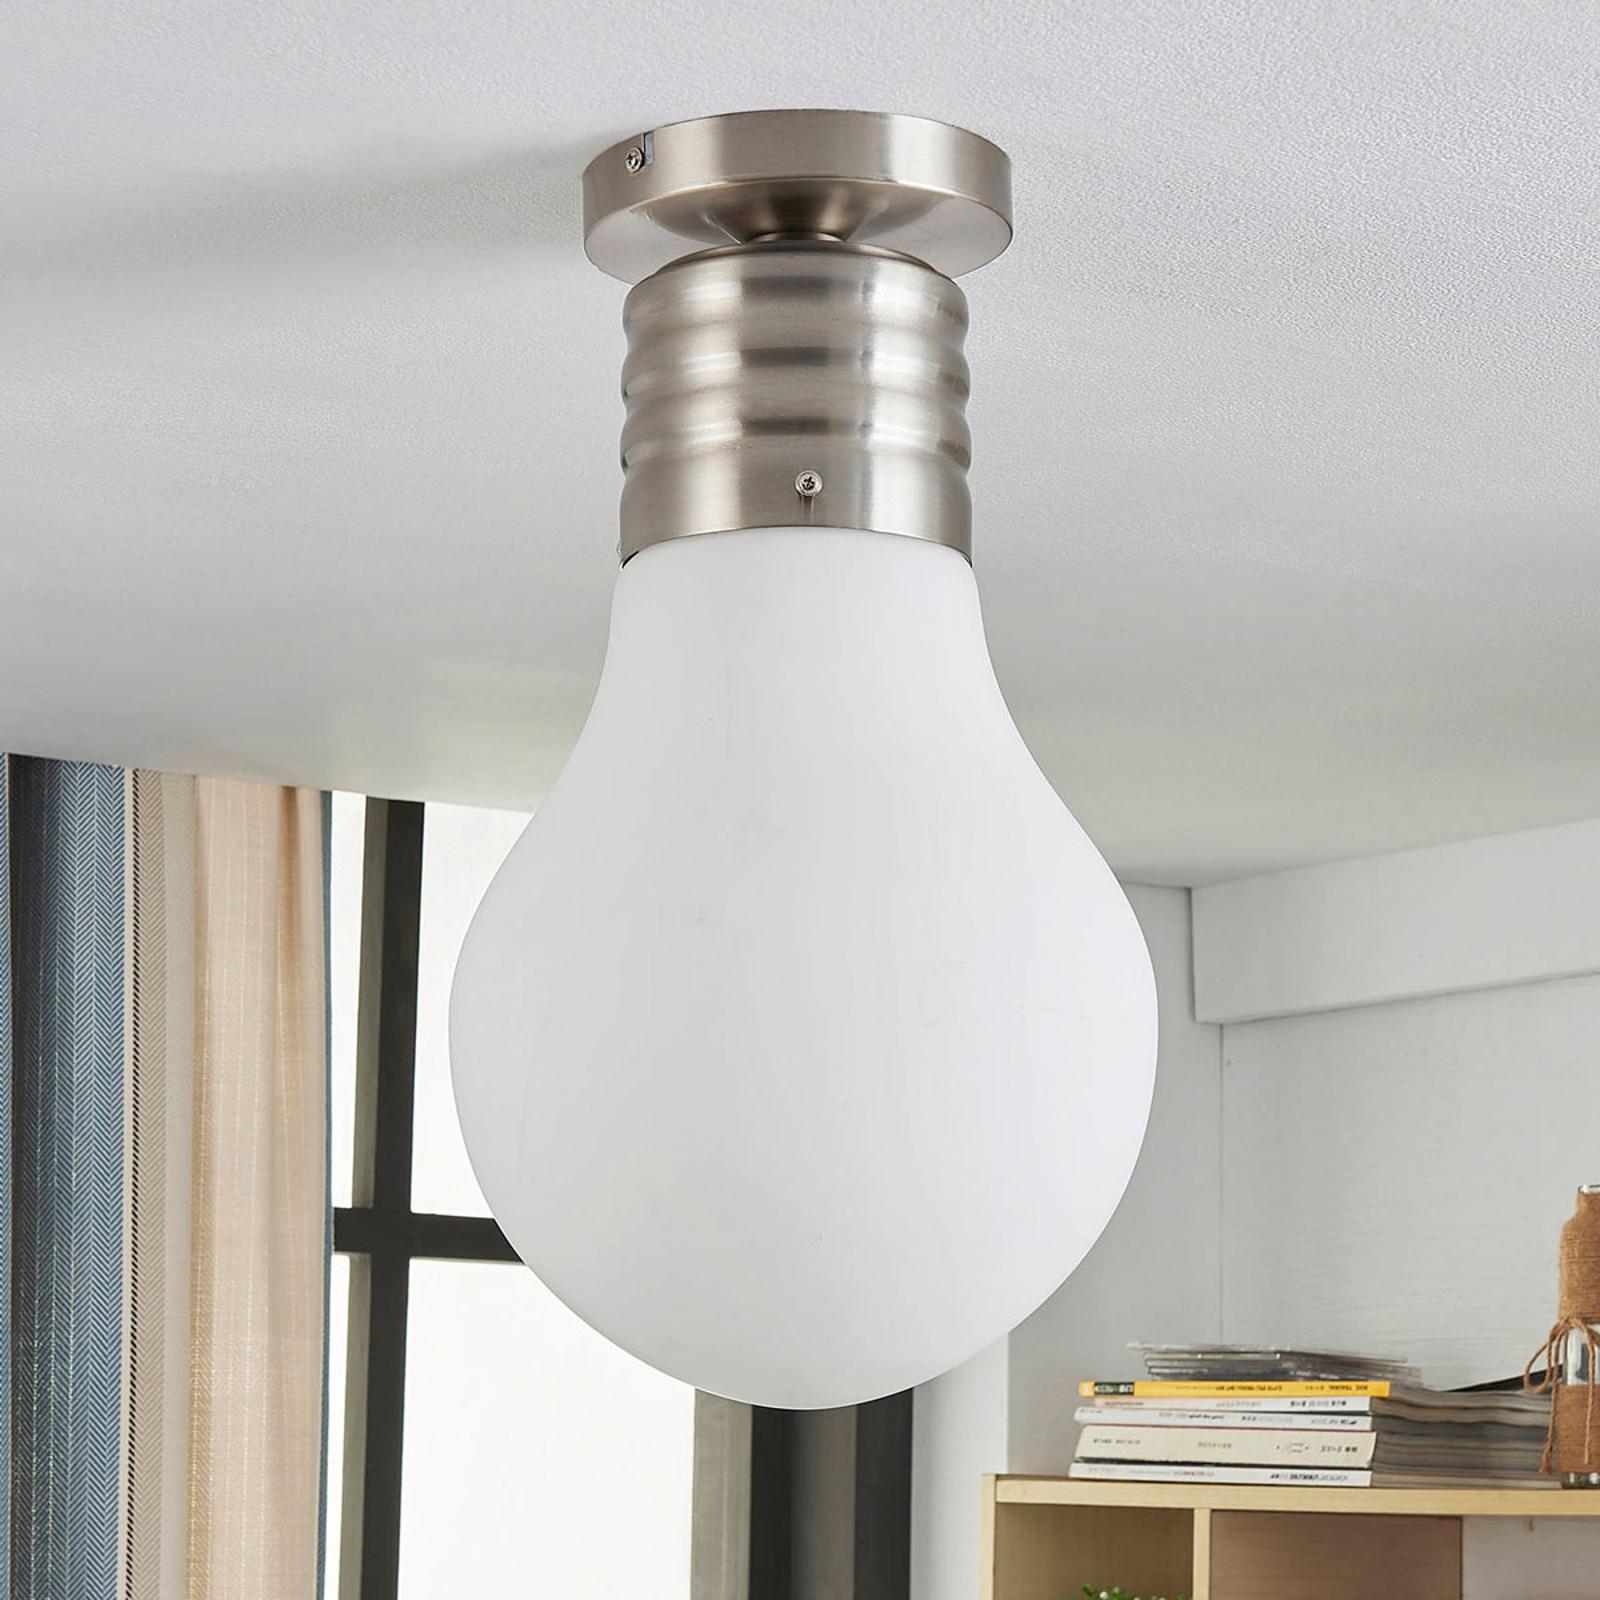 Plafonnier LED Bado en forme d'ampoule, easydim